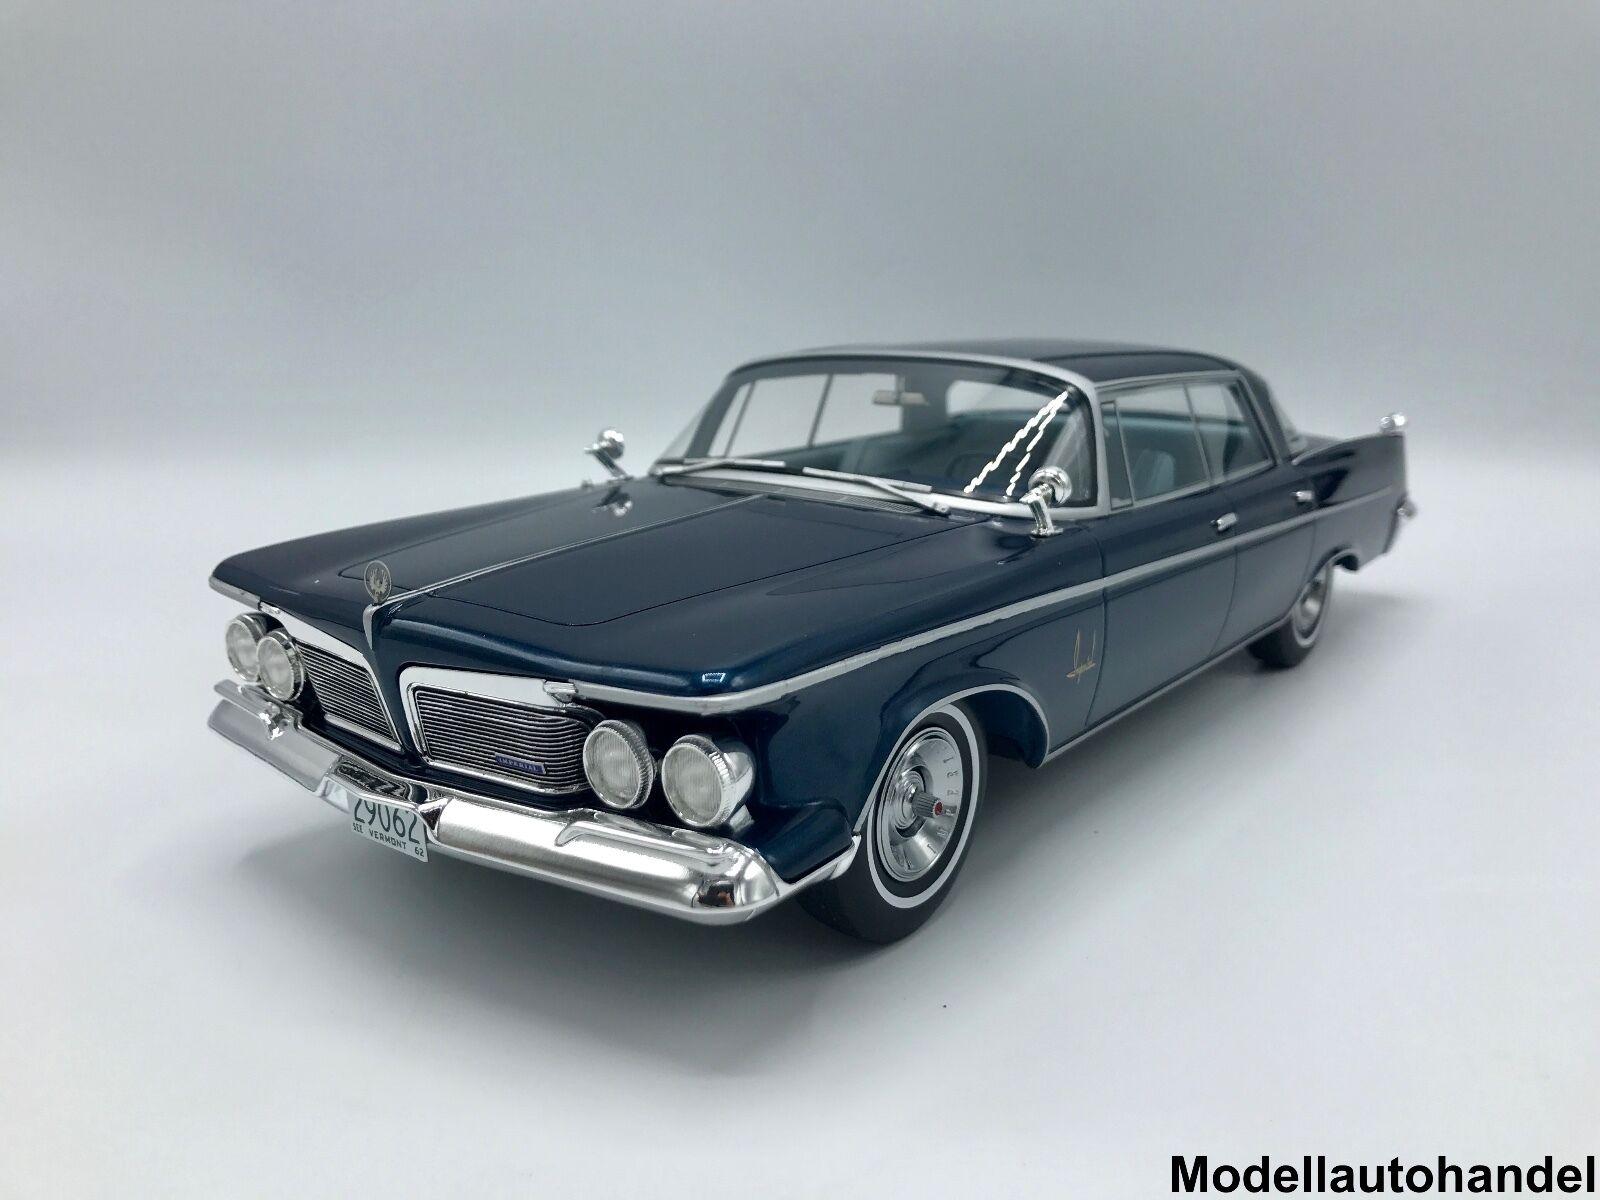 elige tu favorito Imperial crown southampton southampton southampton 4-door 1962 metallic-azul 1 18 bos     nuevo  opciones a bajo precio